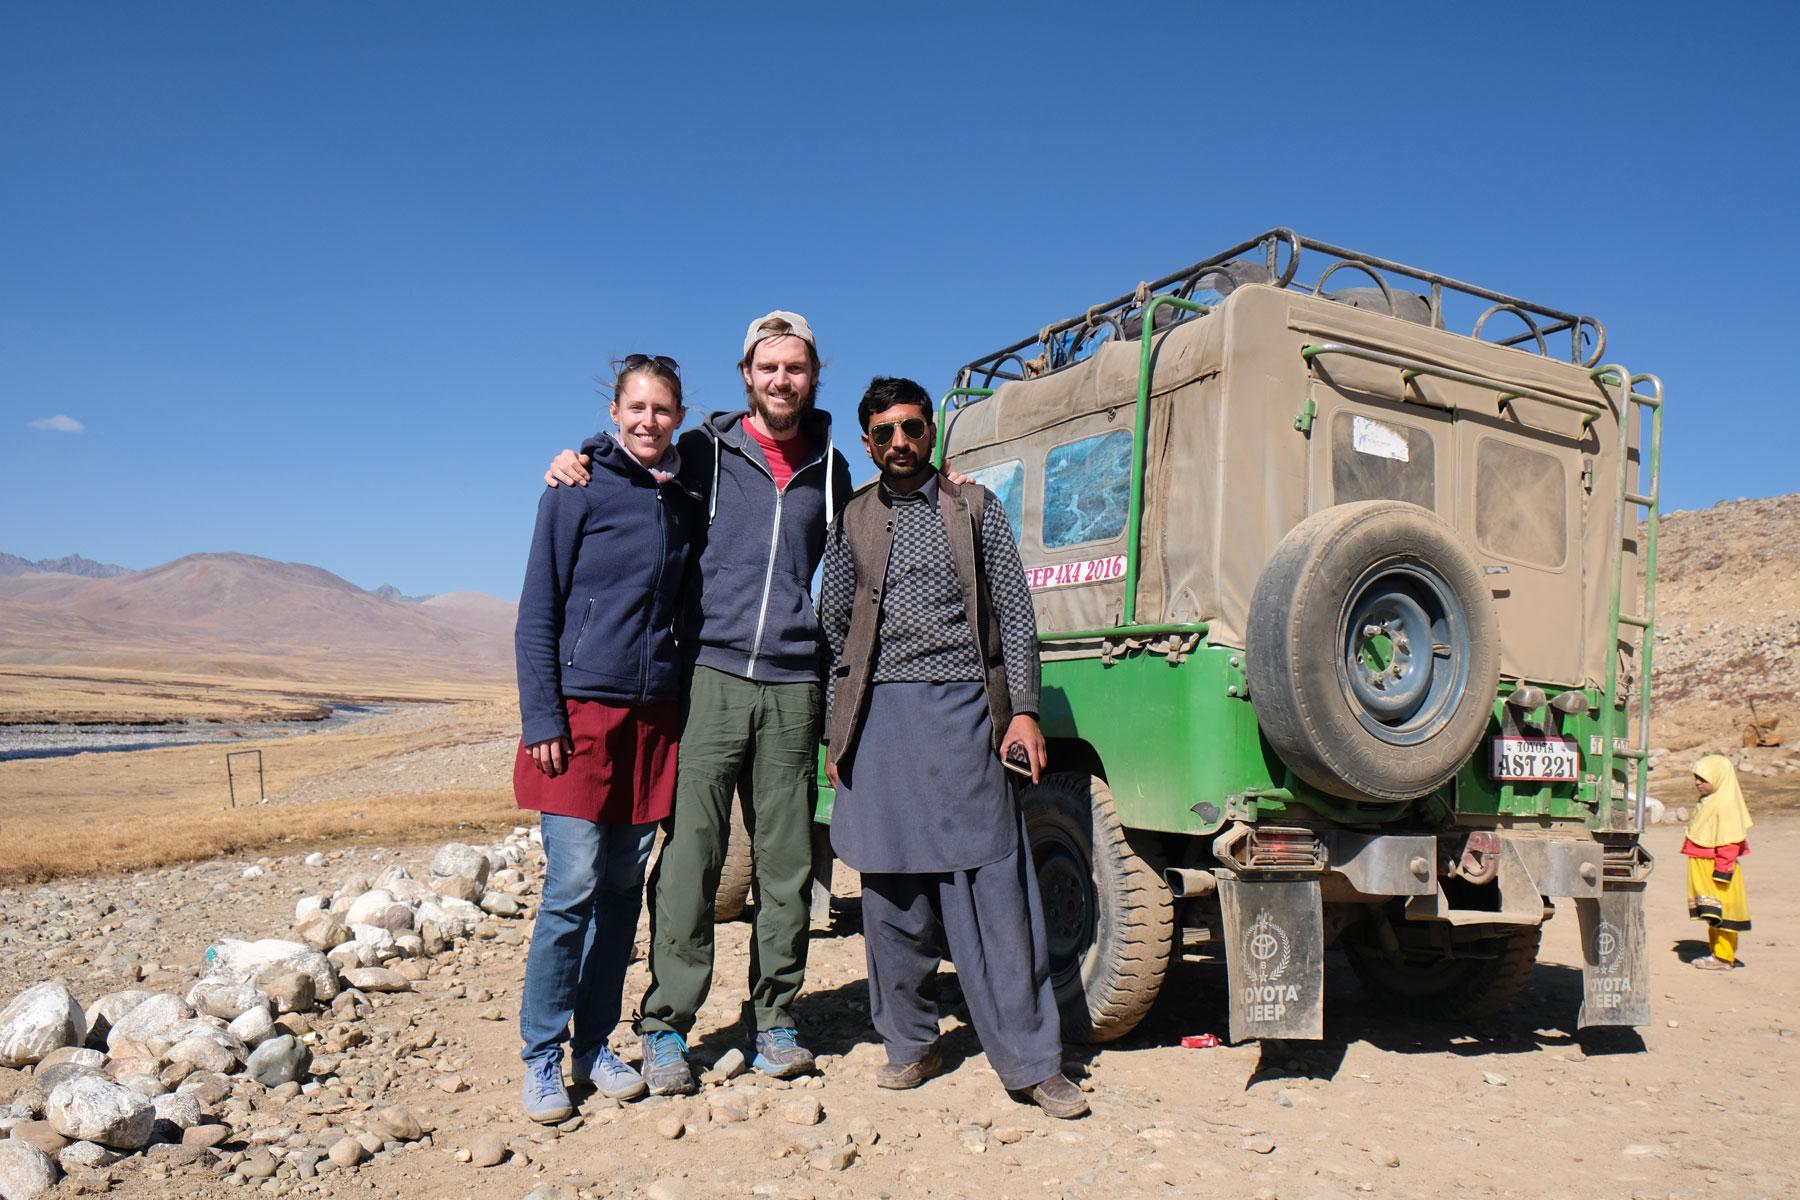 Leo und Sebastian neben einem Pakistaner und einem Geländewagen.